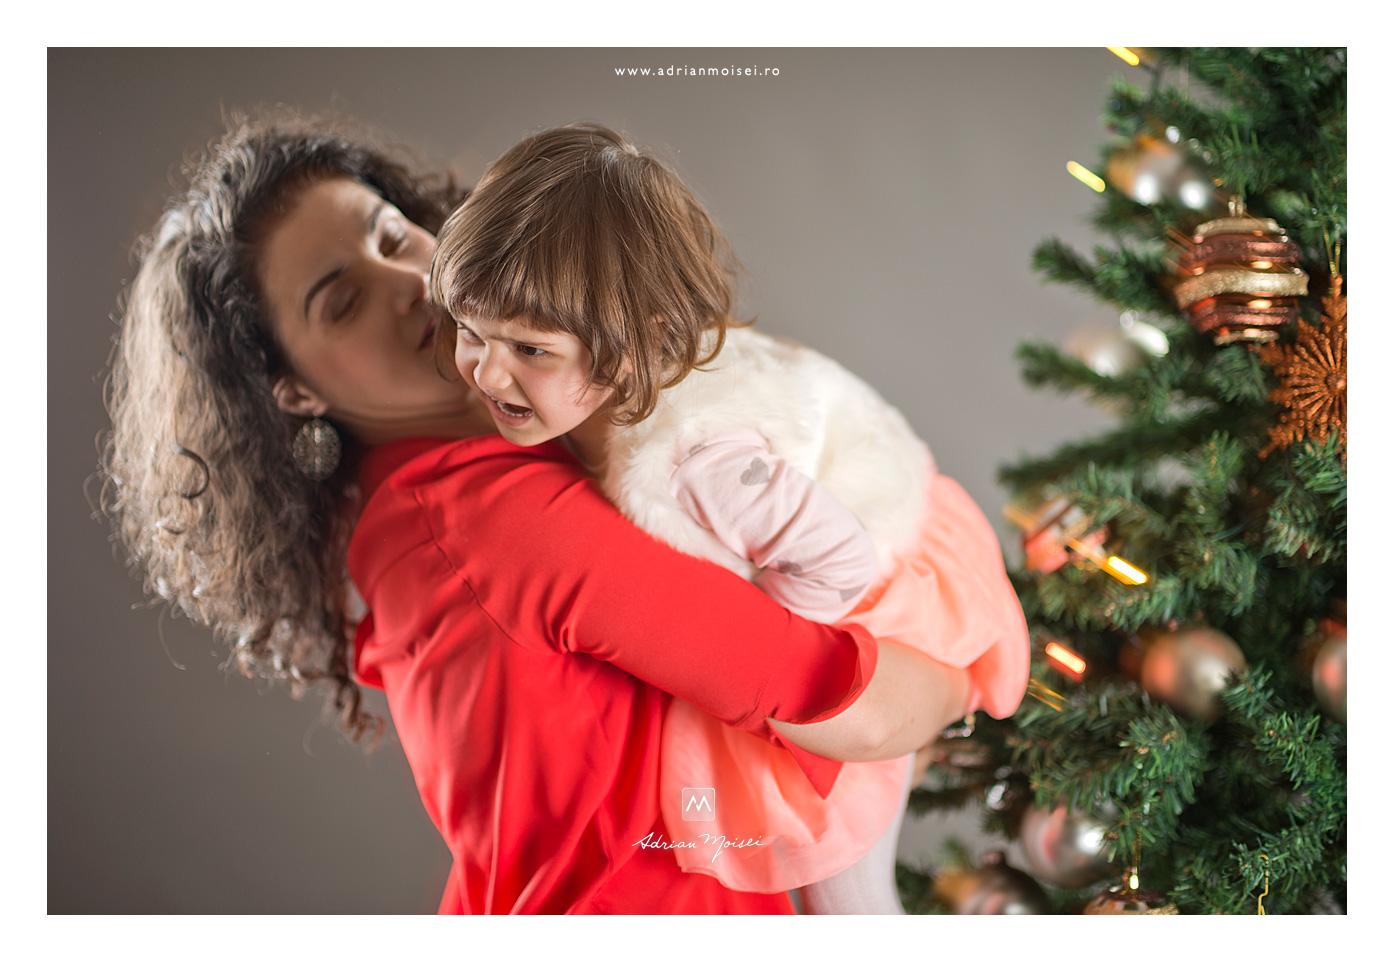 Mamica si fetita de Crăciun, fotografie de familie, Adrian Moisei